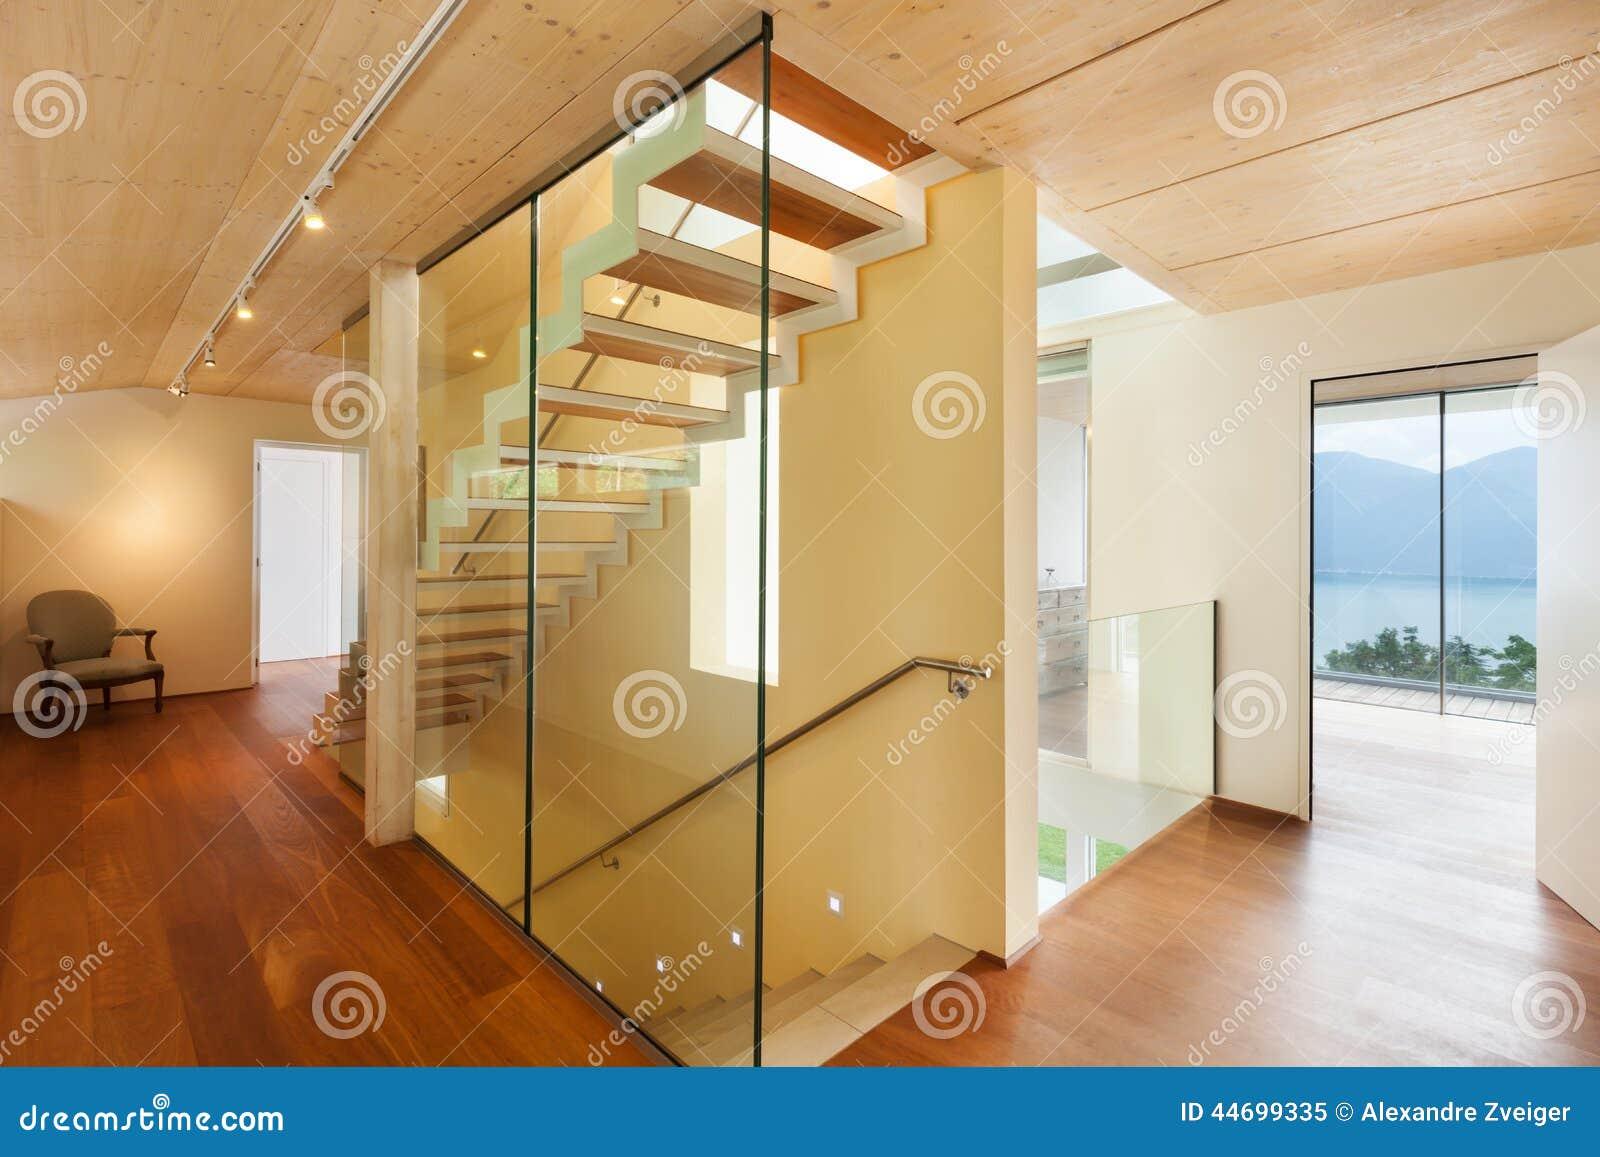 Architecture Moderne, Intérieur, Escalier Photo stock - Image ...